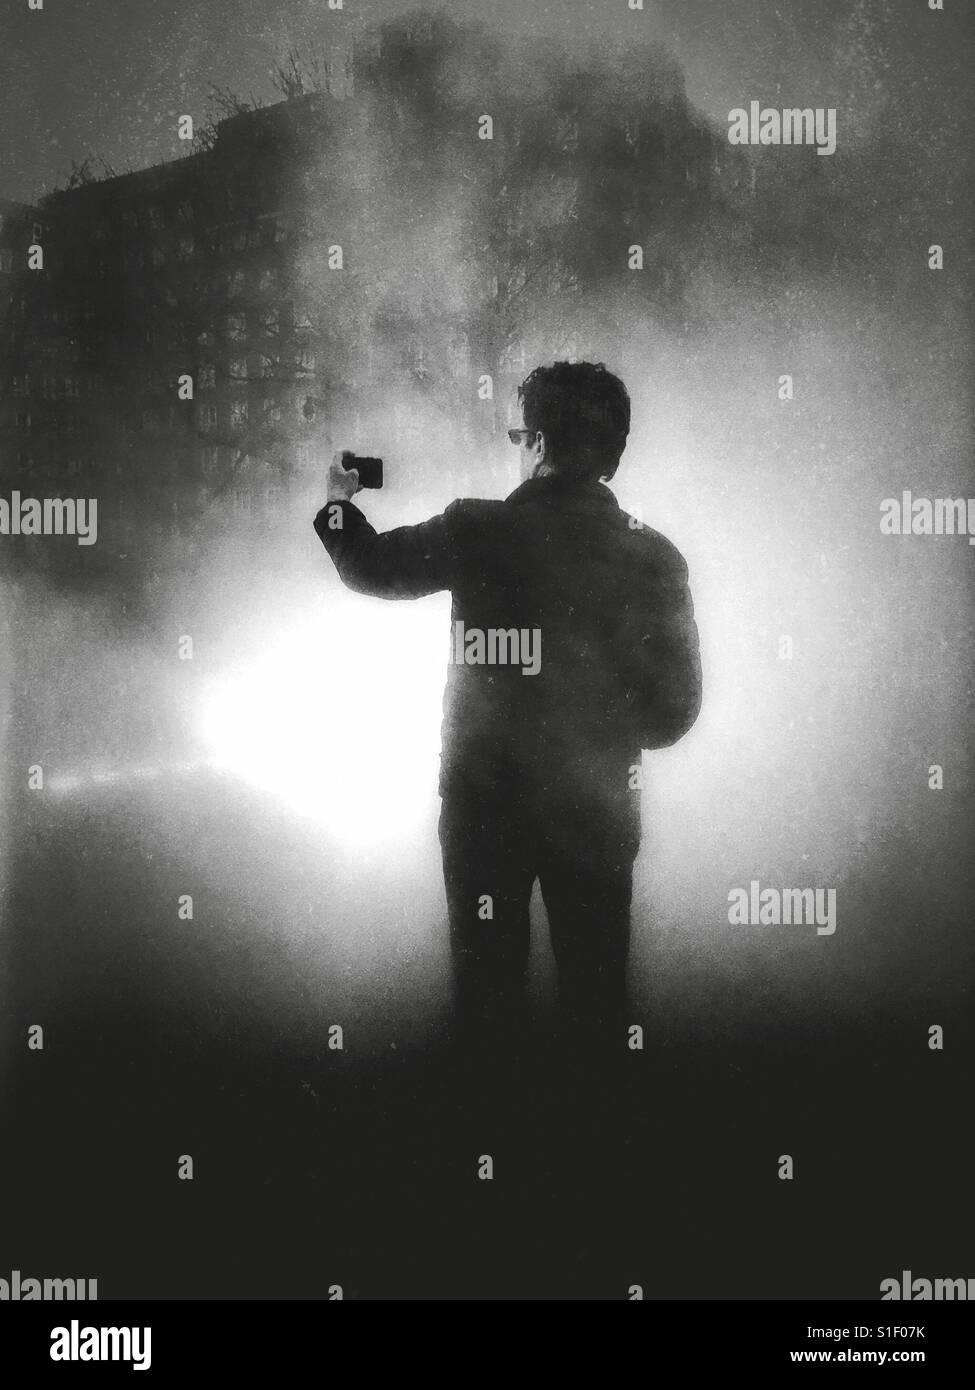 Fotografía en blanco y negro con iluminación dramática de un hombre con su teléfono con cámara en el brazo extendido Foto de stock